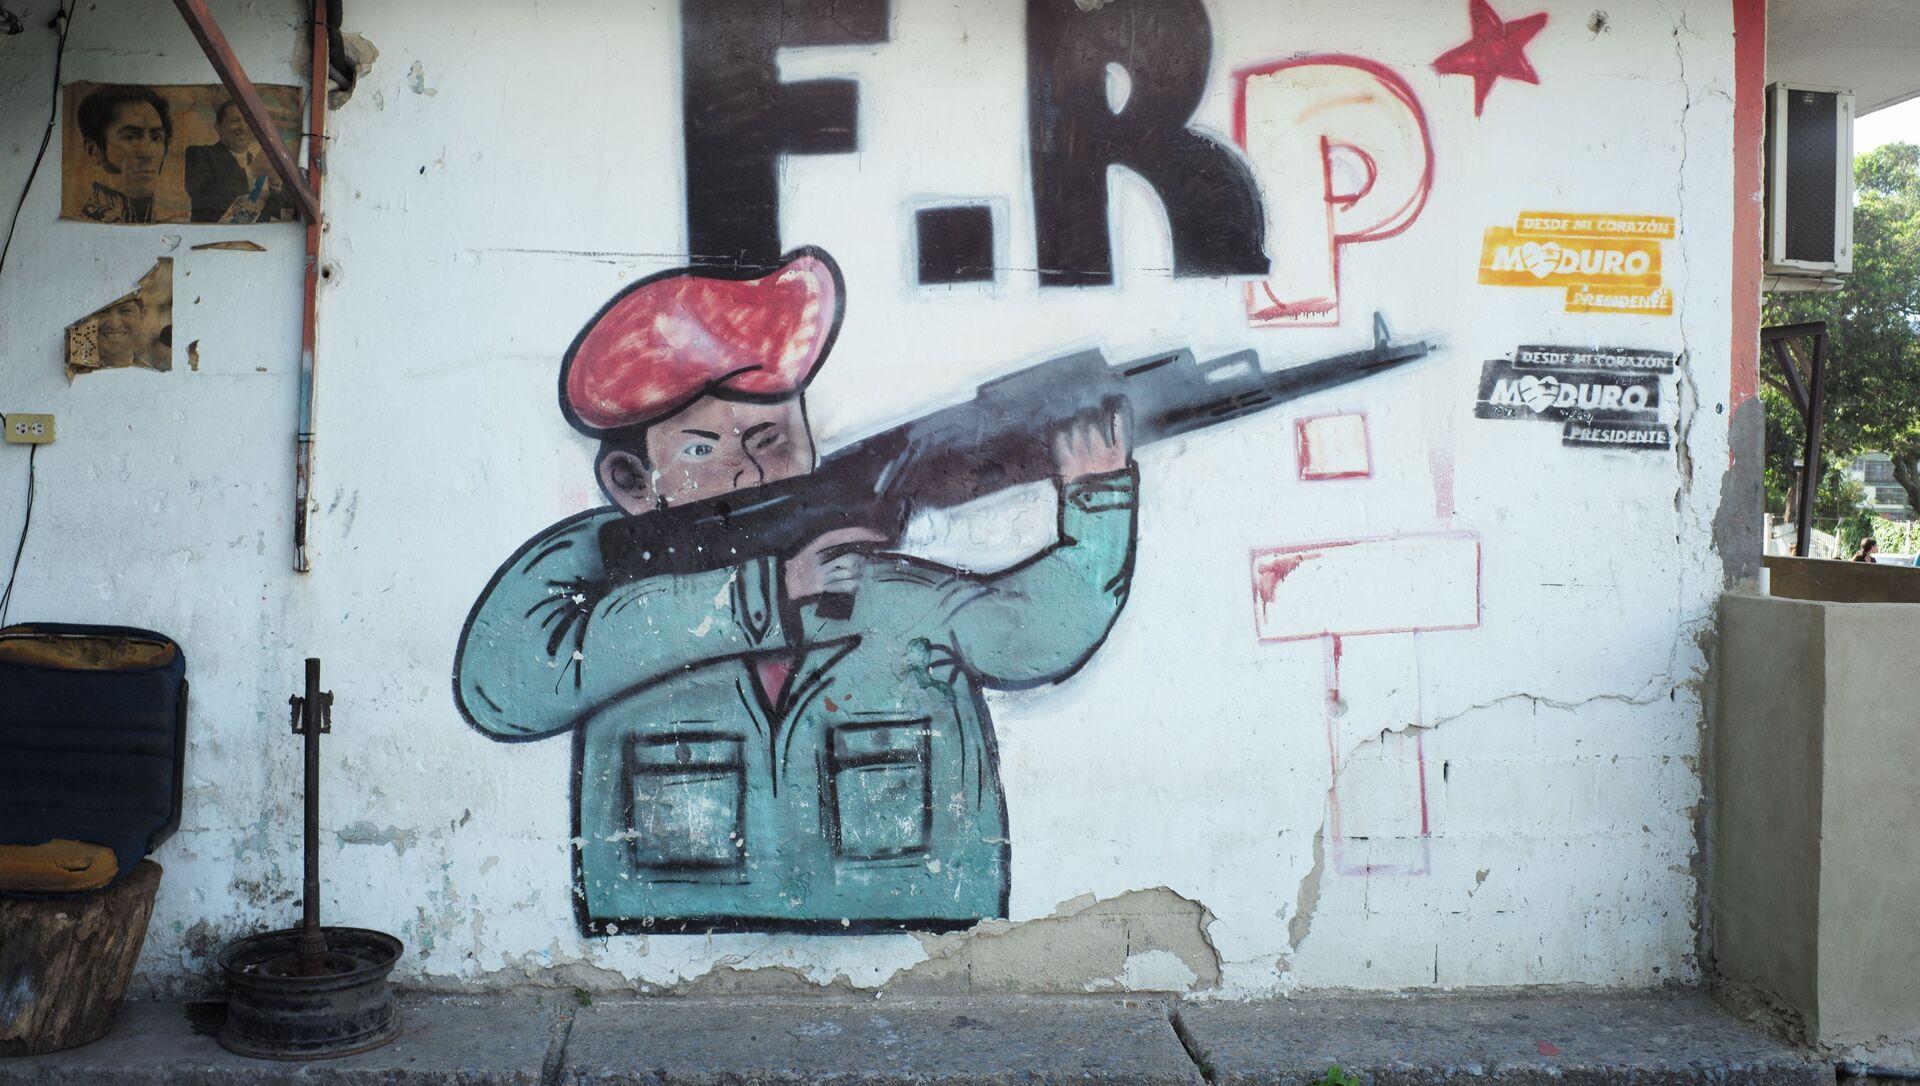 Niños, adultos e incluso políticos utilizan la violencia con mecanismos de inclusión en Venezuela - Sputnik Mundo, 1920, 04.02.2021